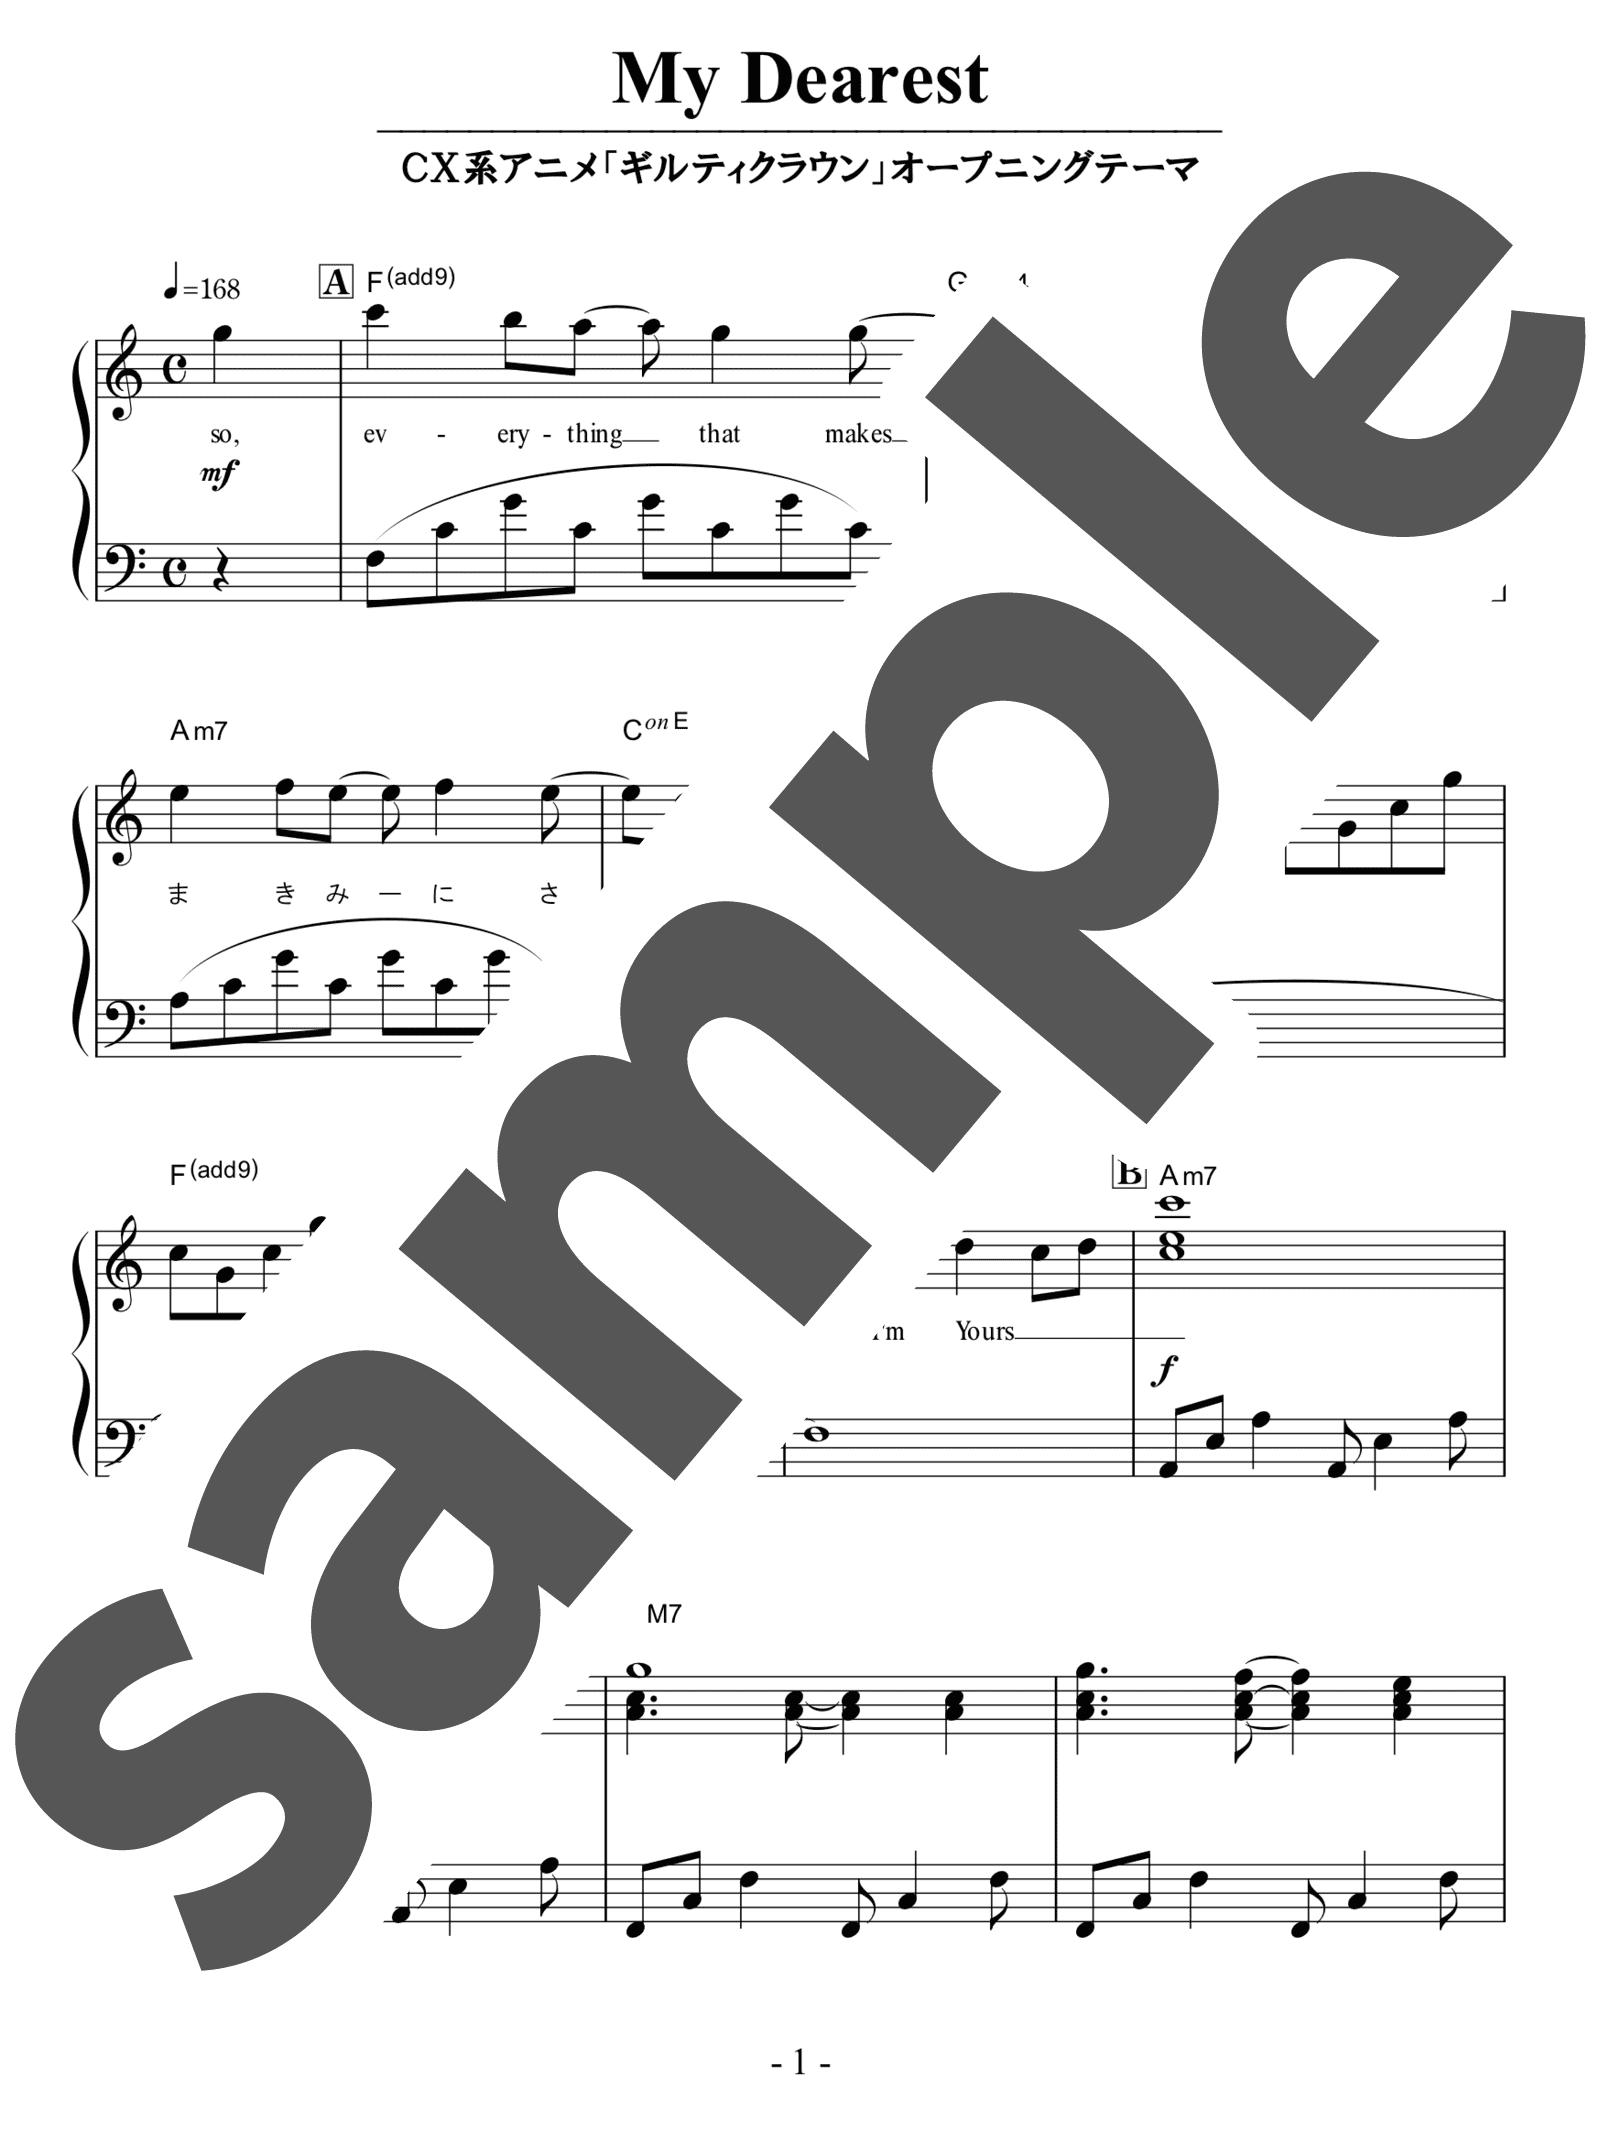 「My Dearest」のサンプル楽譜